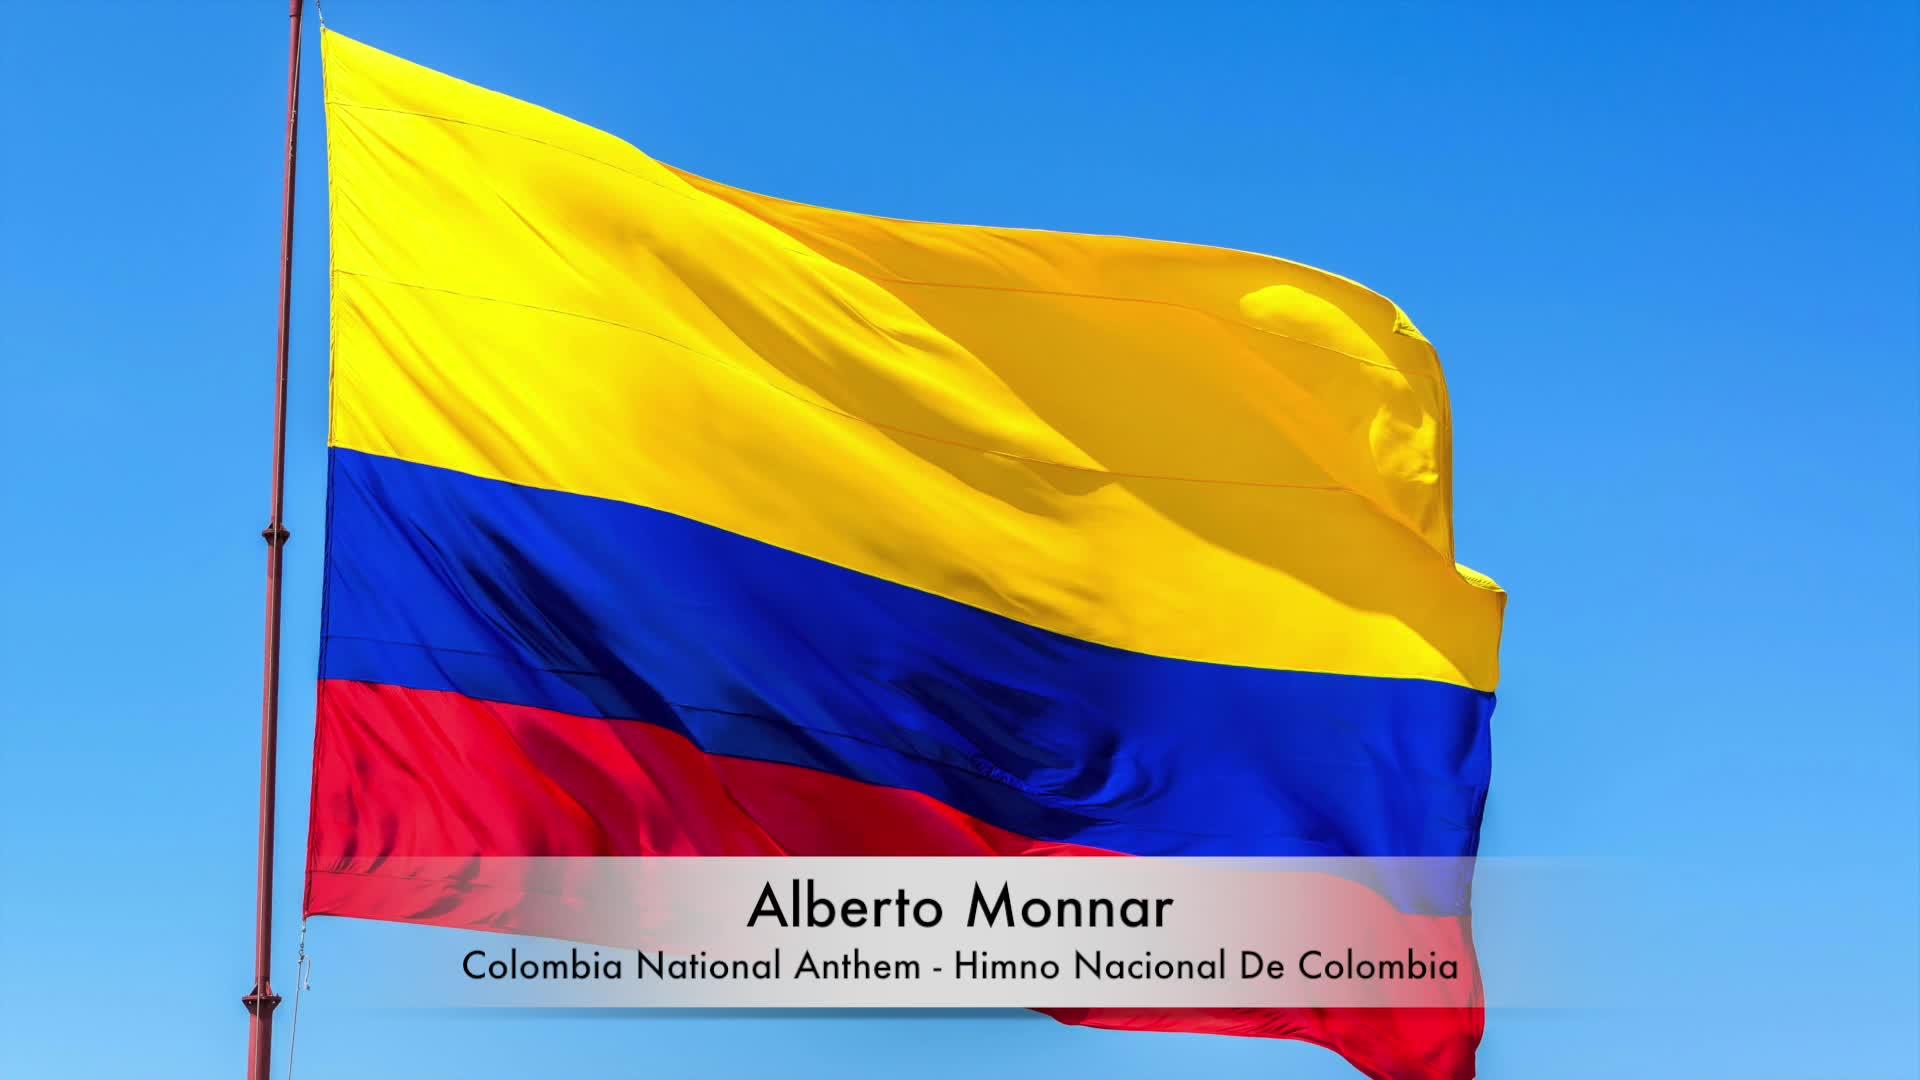 Alberto Monnar - Colombia National Anthem / Himno Nacional De Colombia (Piano)